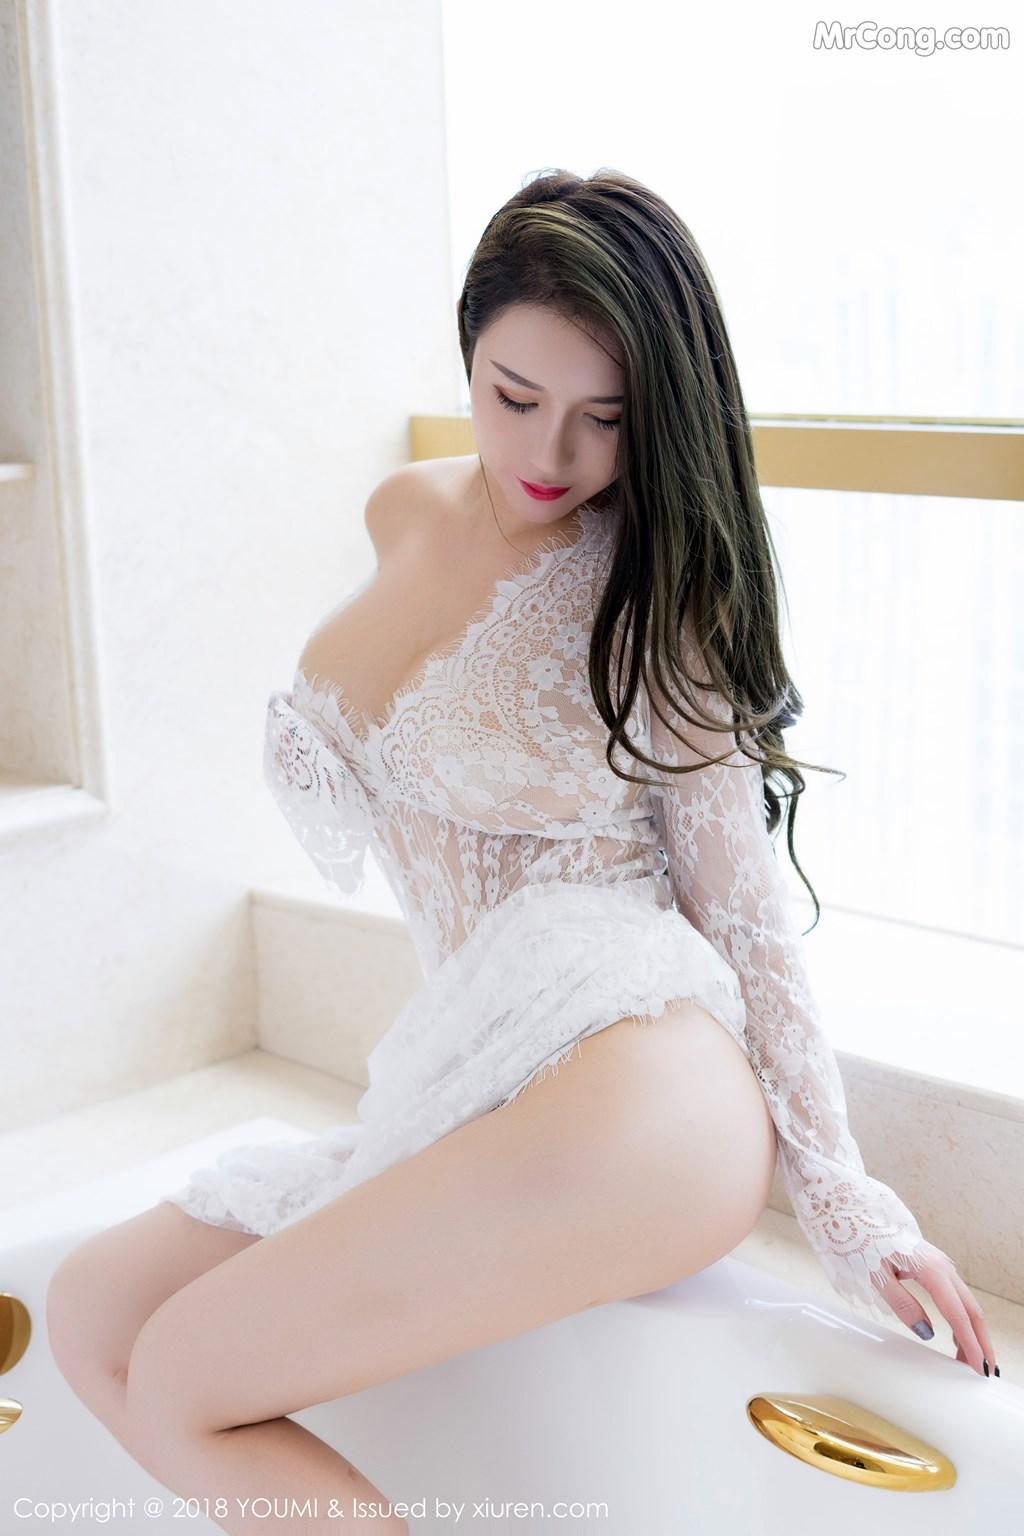 Image YouMi-Vol.113-Egg-MrCong.com-003 in post YouMi Vol.113: Người mẫu Egg-尤妮丝 (42 ảnh)